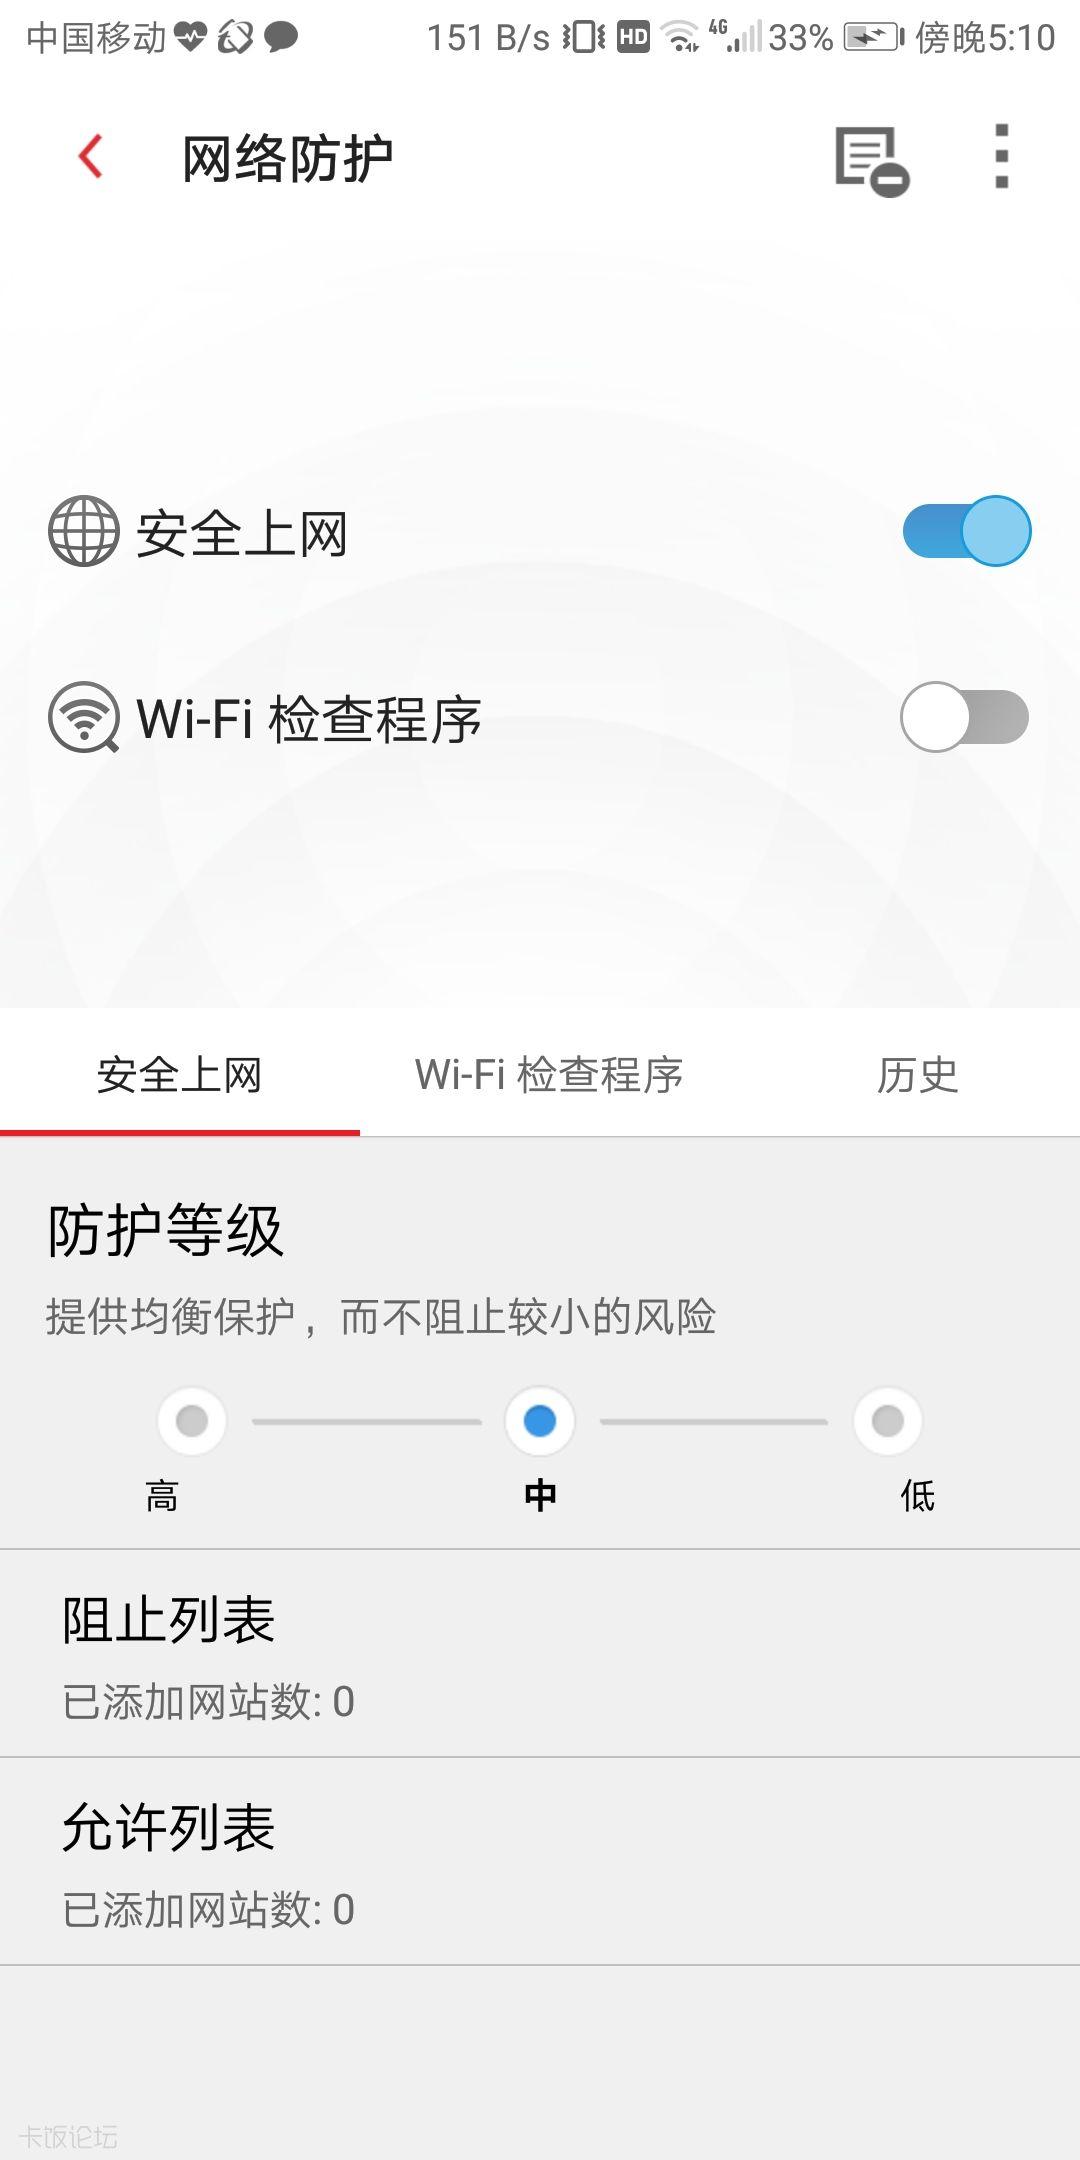 Screenshot_20190423-171037.jpg